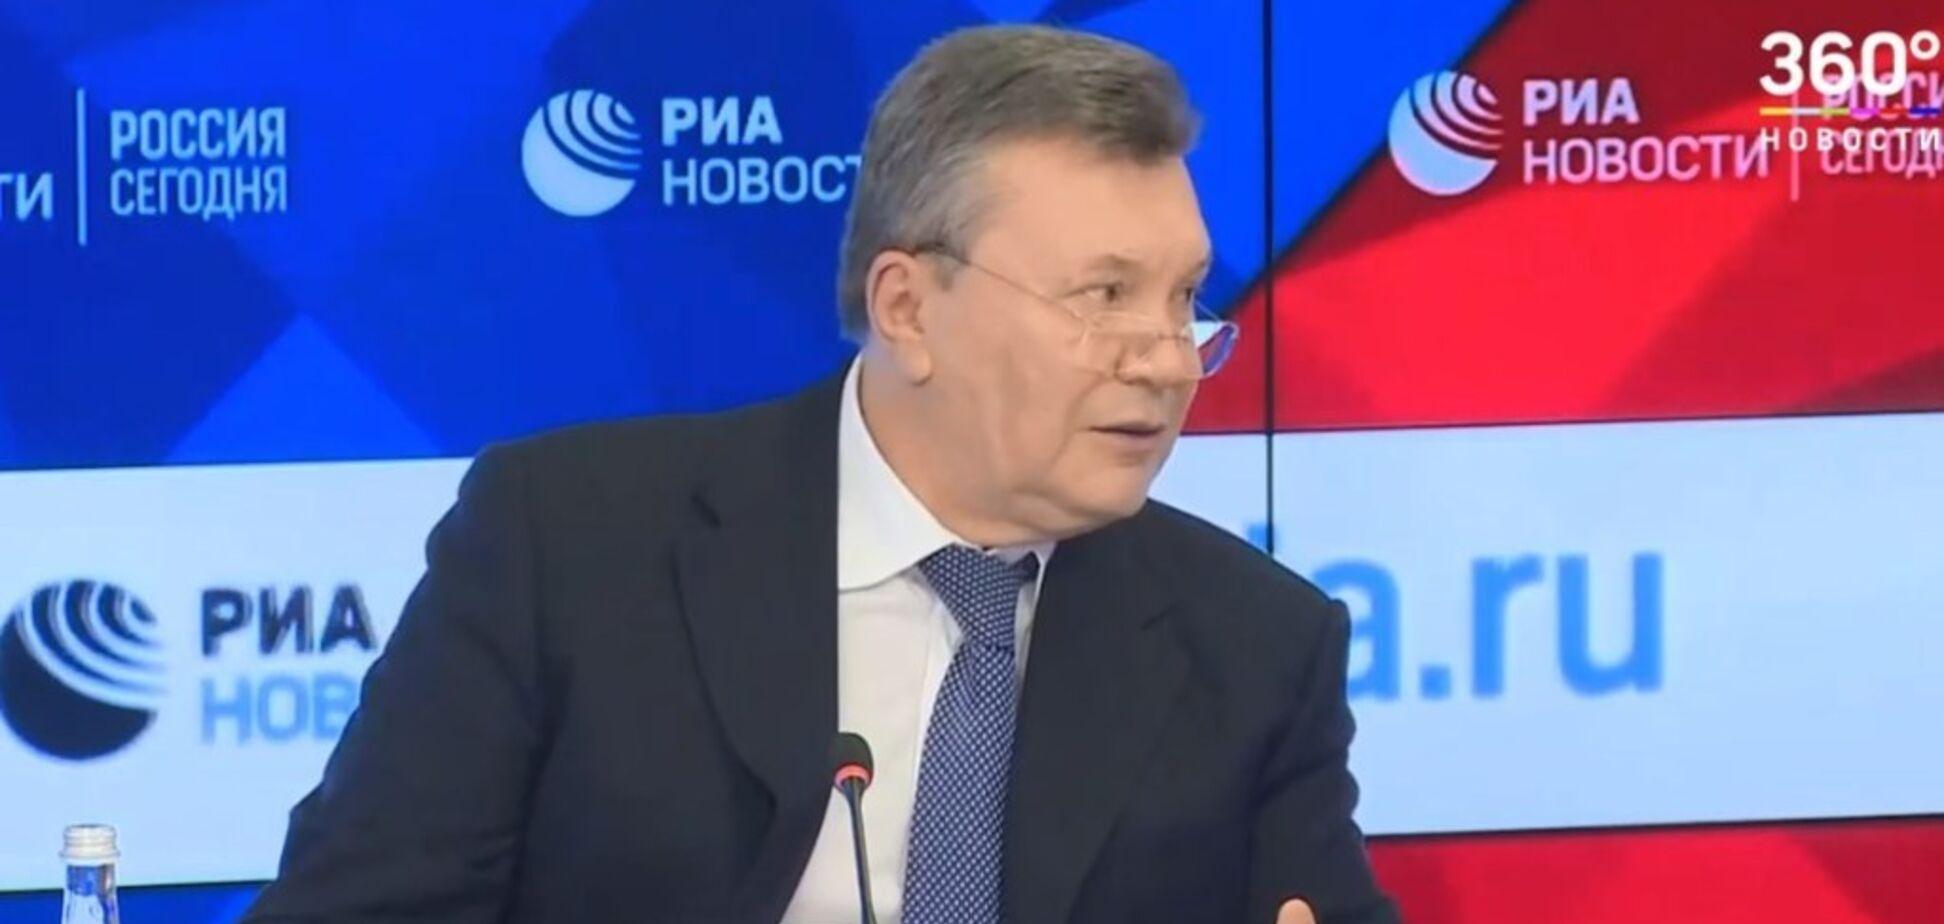 ''Мене кинули як лоха'': Янукович перейшов на жаргон, виправдовуючись за втечу з України